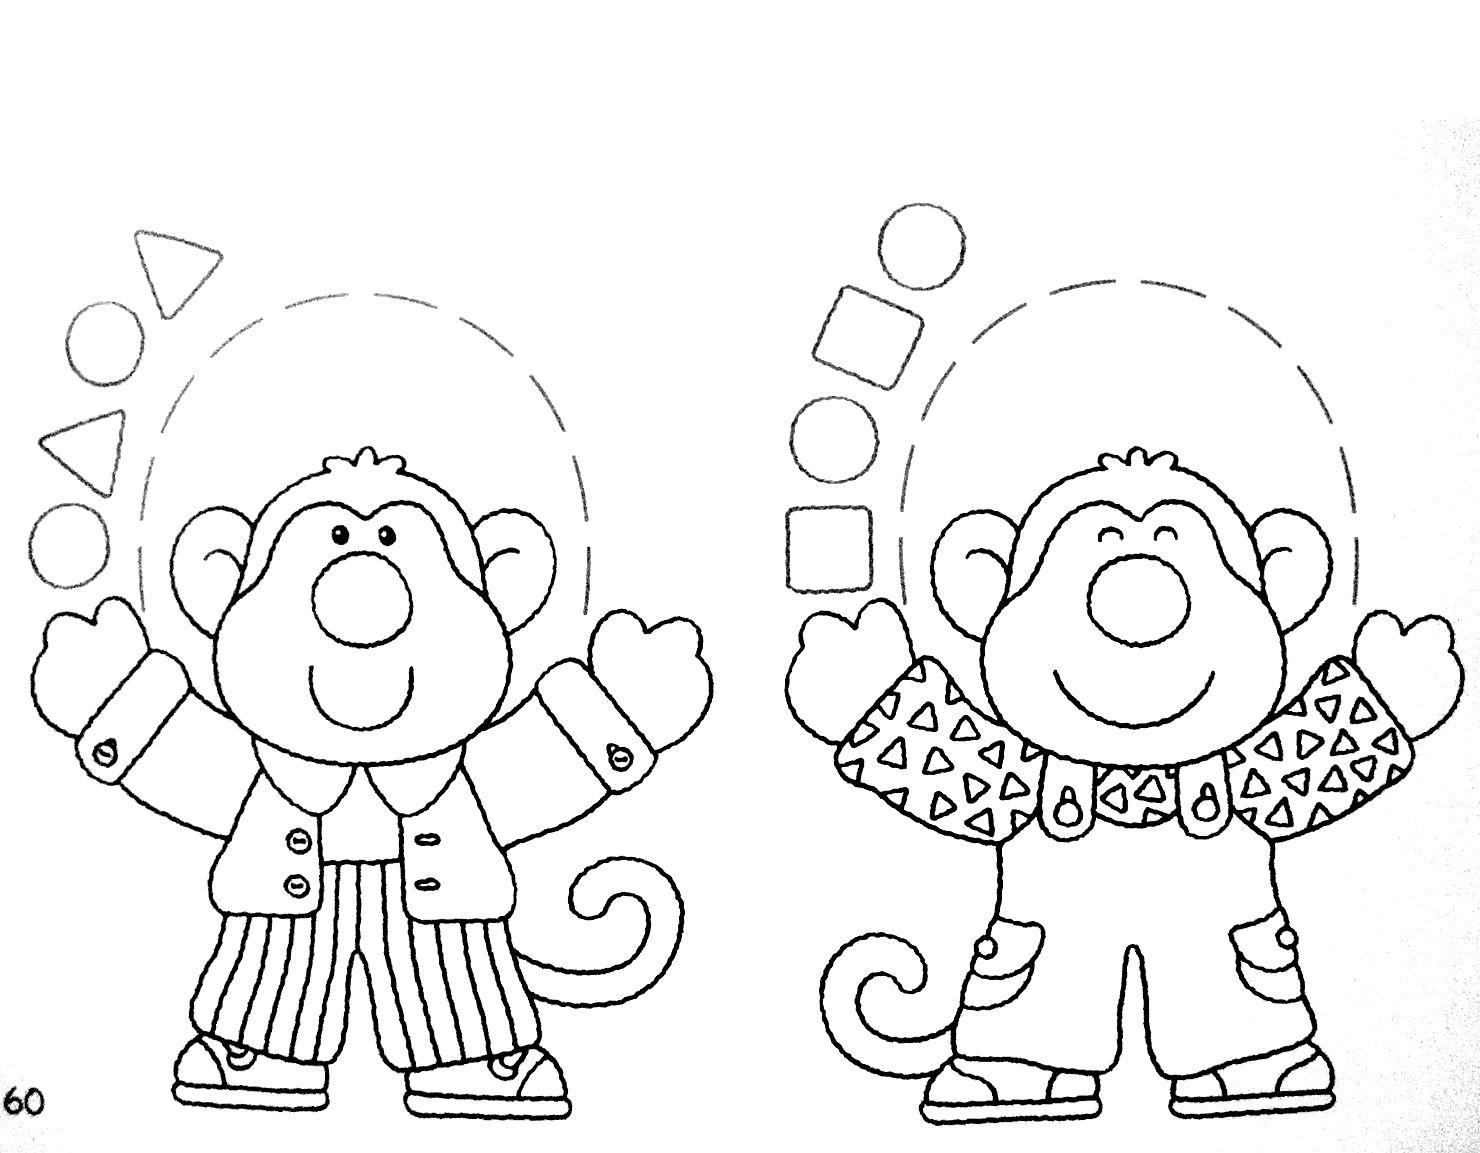 Раскраски фигуры, обезьянки жанглируют фигурками,нарисуй недостающие